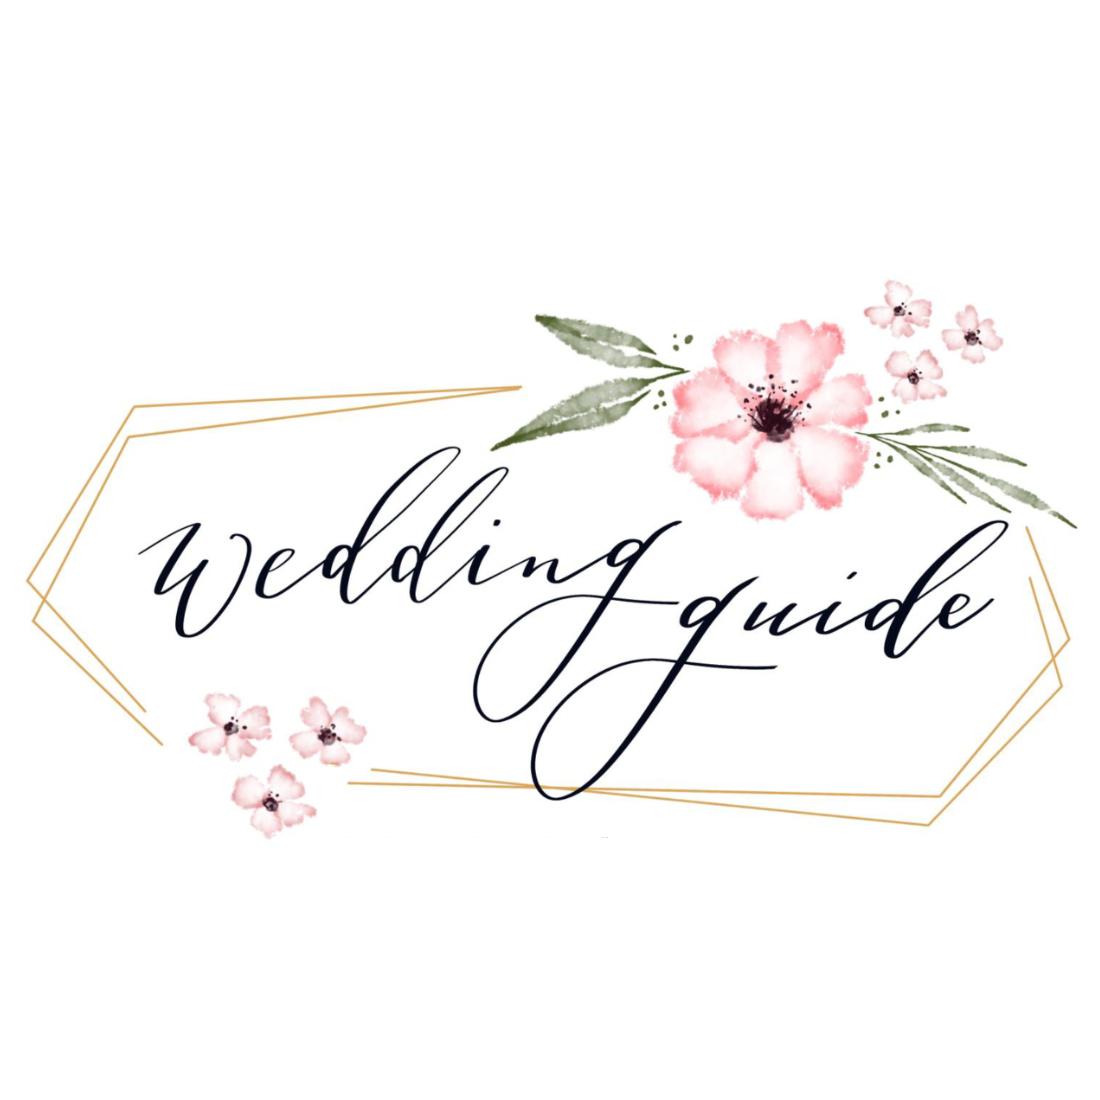 Wedding Guide-regional